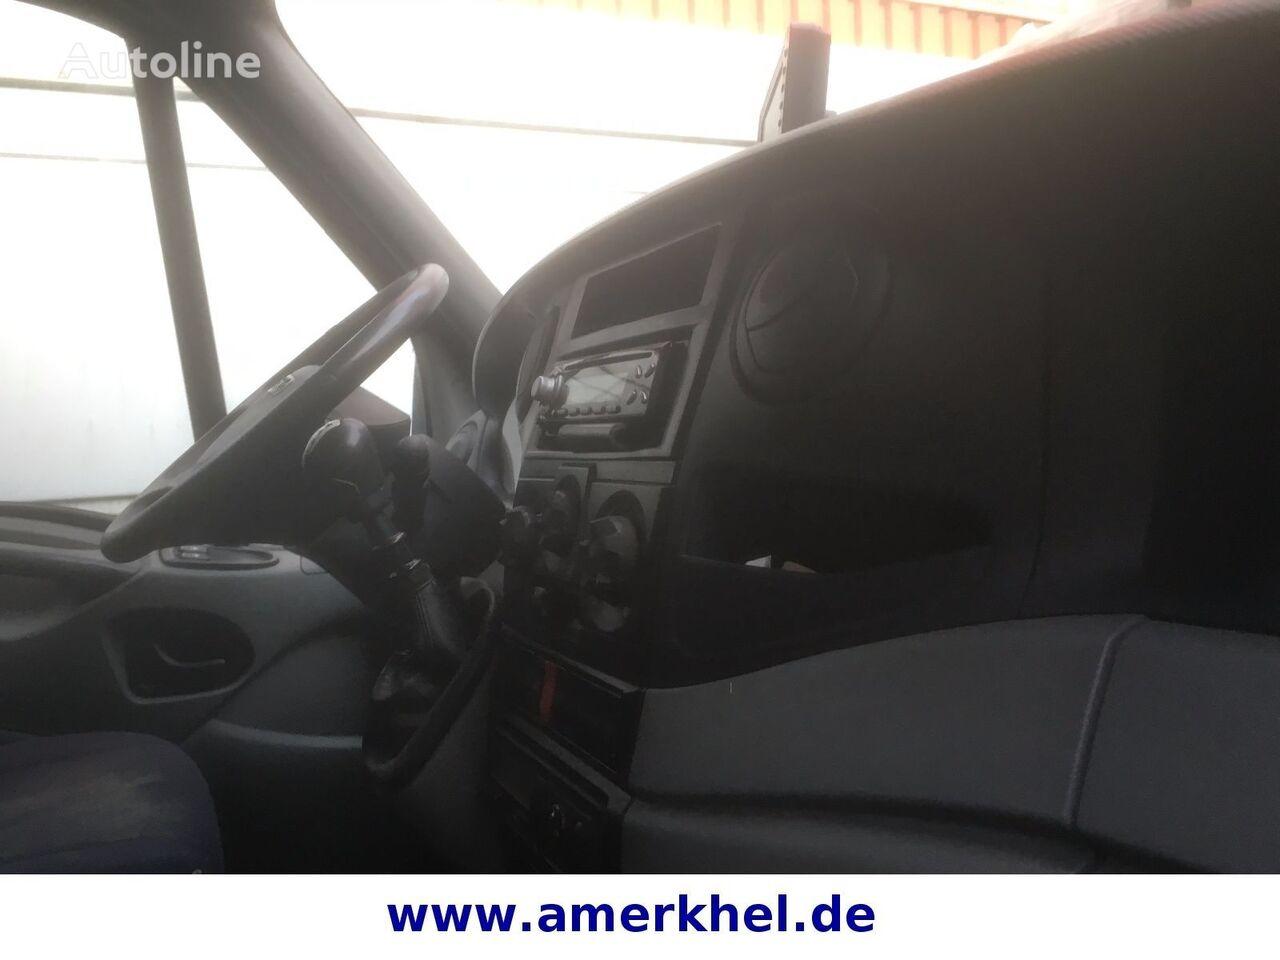 IVECO Daily c 50 cl ups kamyon panelvan